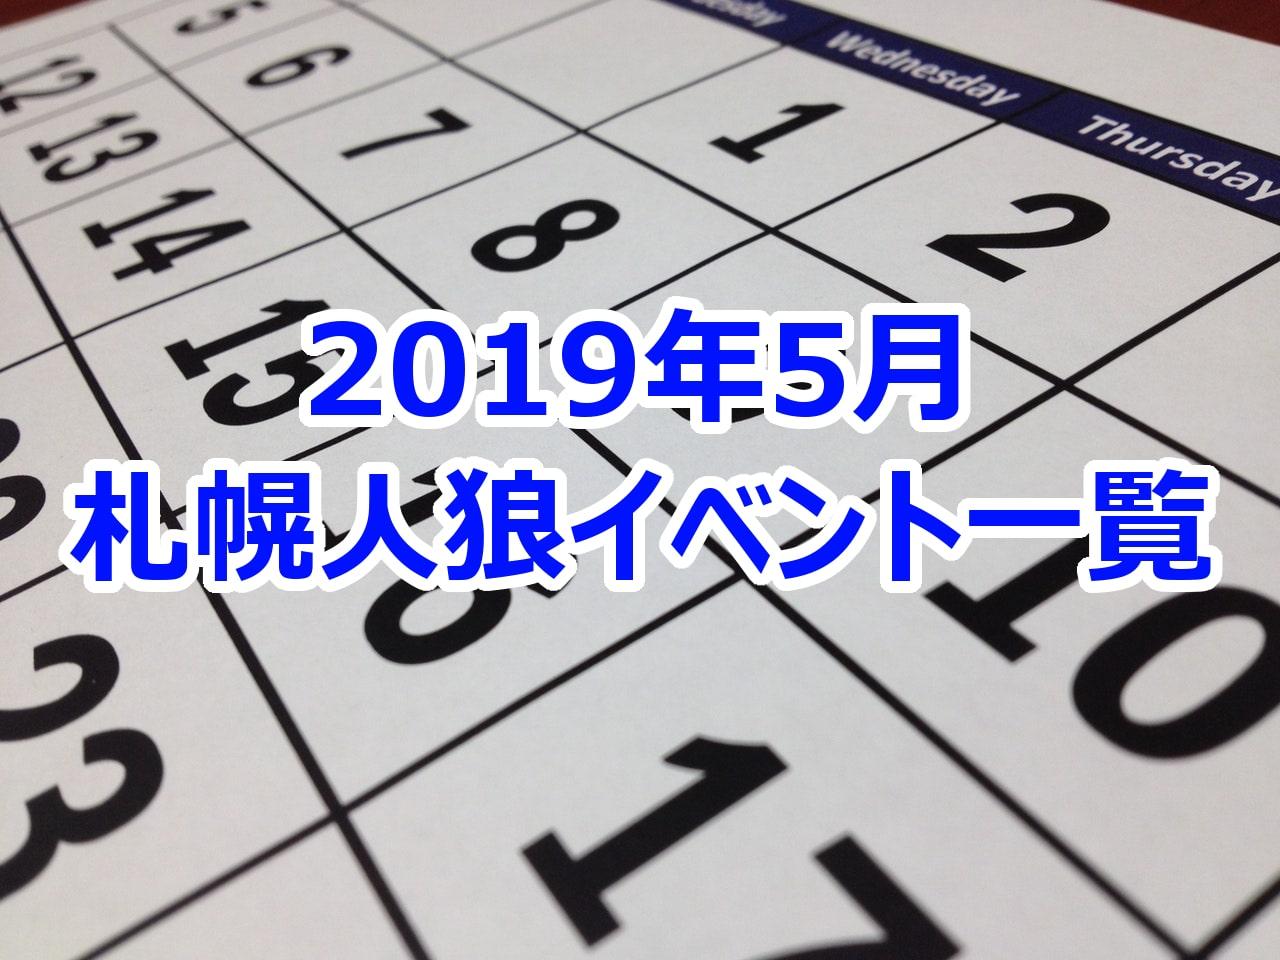 札幌 人狼ゲームイベント 2019年5月